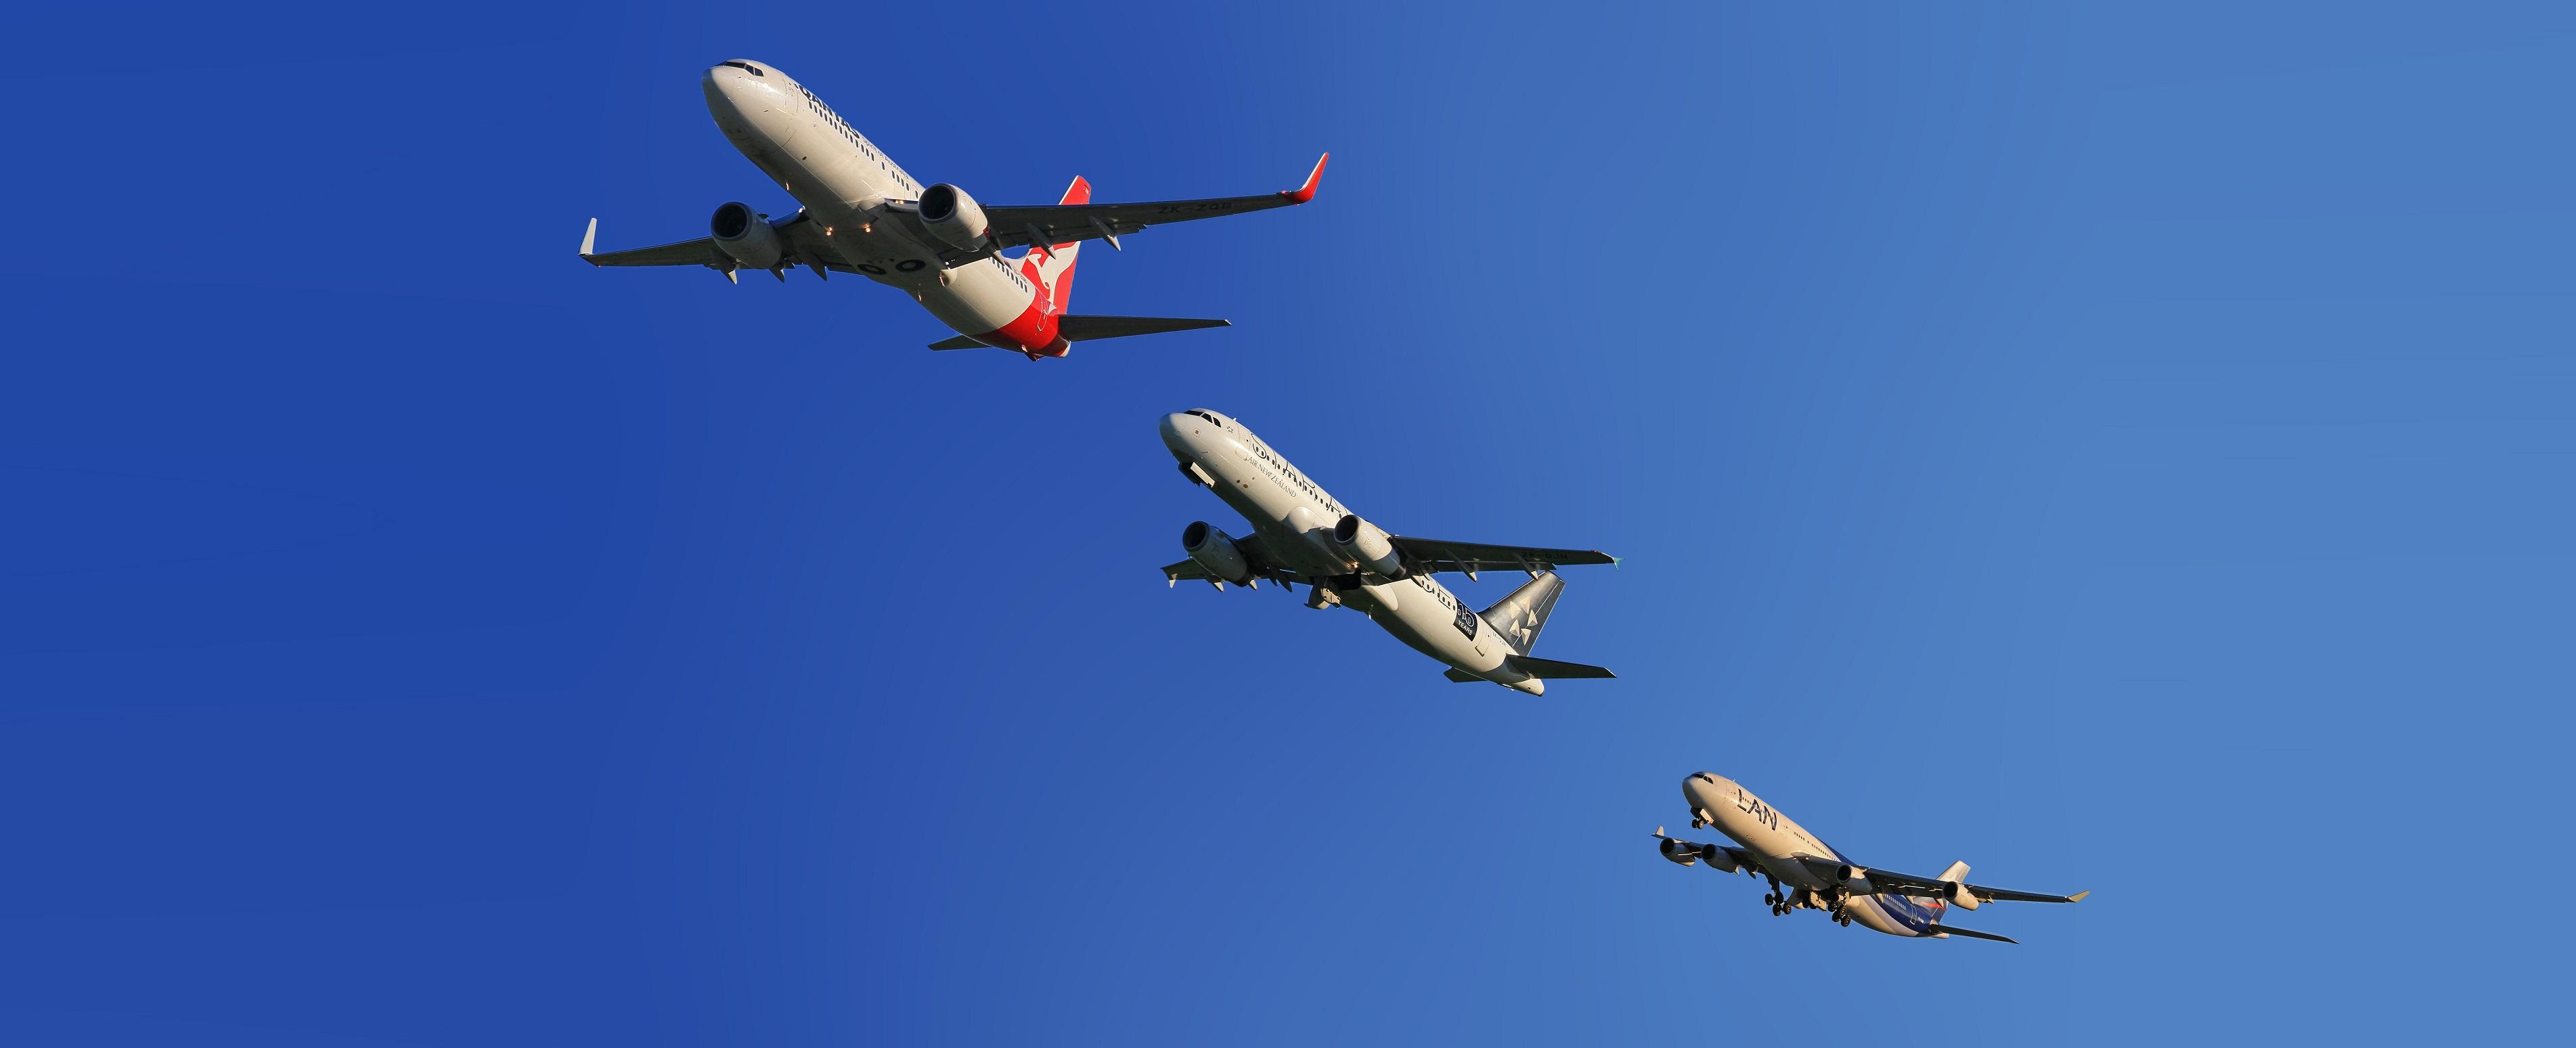 aircraft-123005-Kopie-Kopie